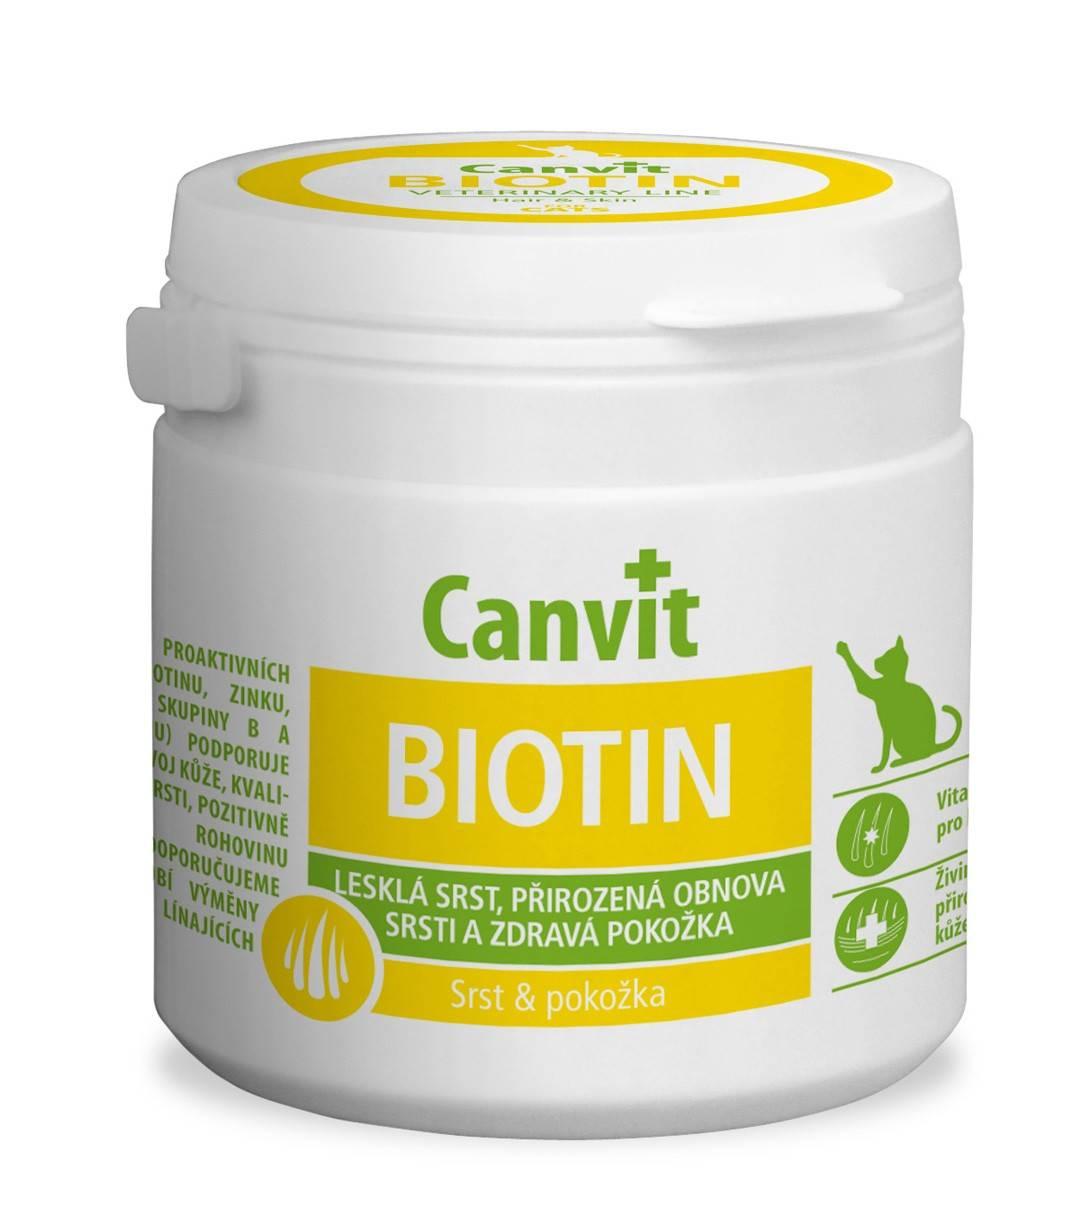 CANVIT  BIOTIN – витаминный комплекс с биотином для здоровья шерсти и кожи котов